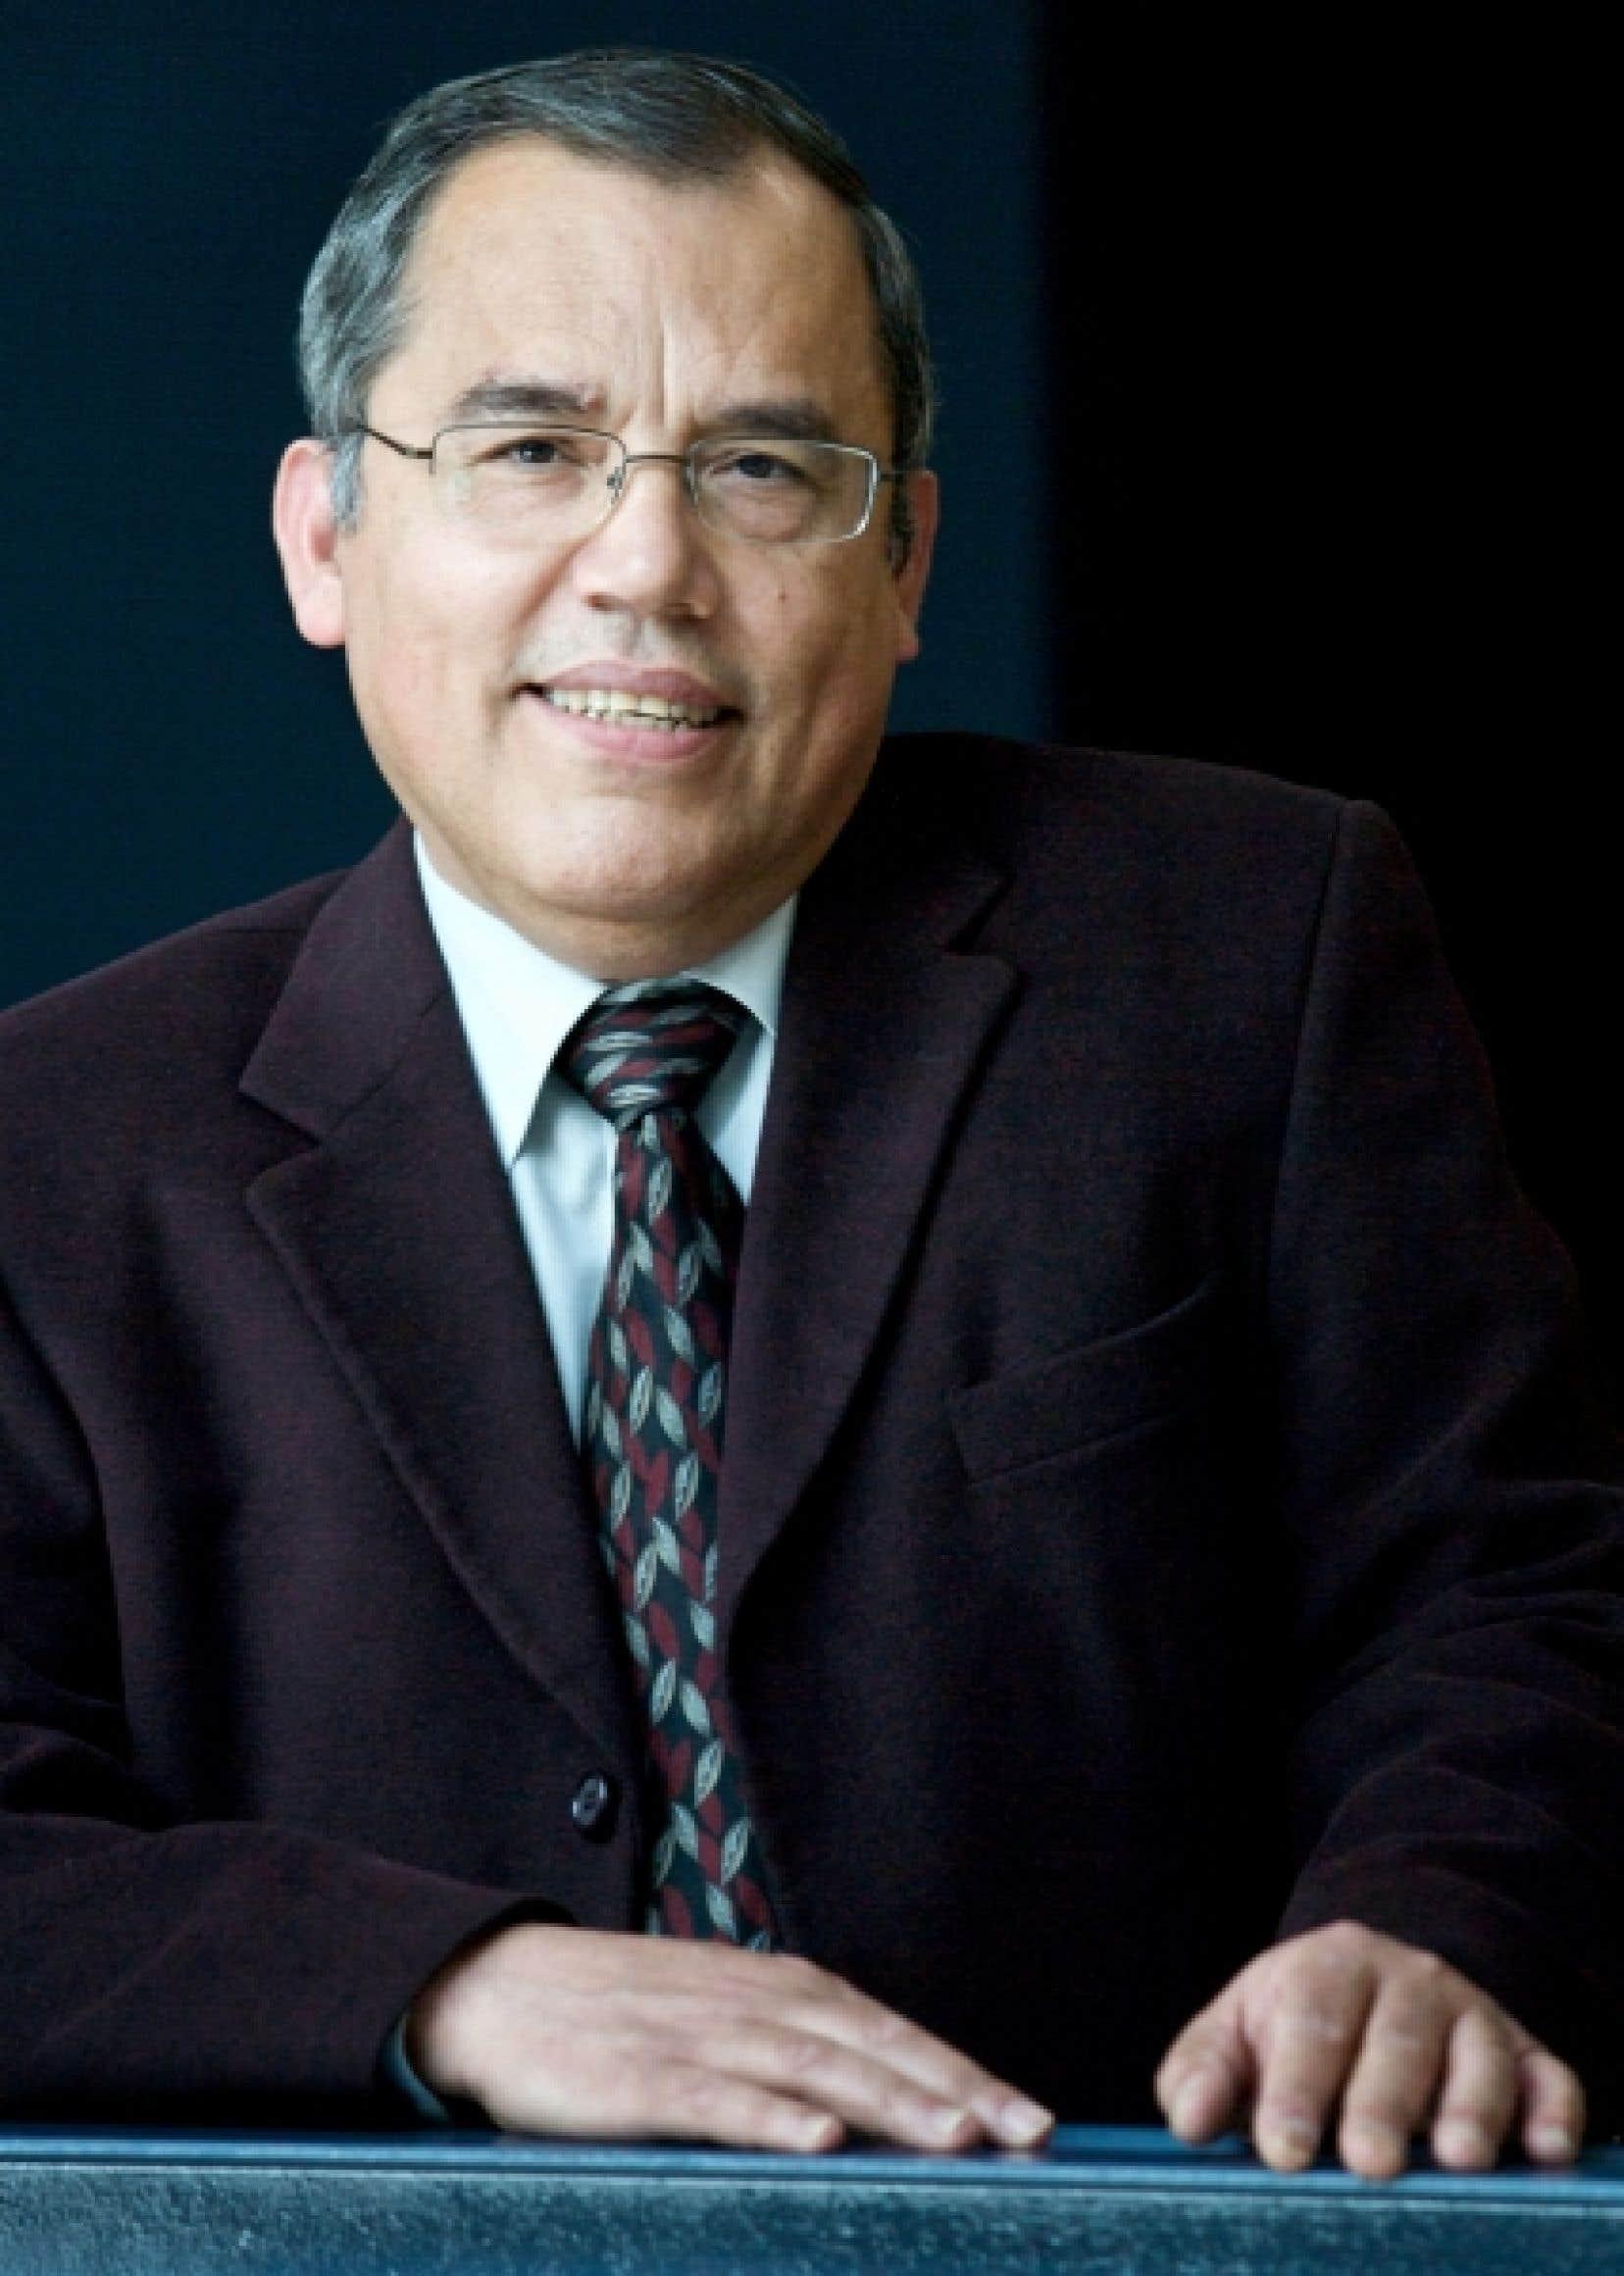 Ernesto Molina, professionnel de recherche au Conseil qu&eacute;b&eacute;cois de la coop&eacute;ration et de la mutualit&eacute; et coordonnateur de la conf&eacute;rence internationale de L&eacute;vis.<br />